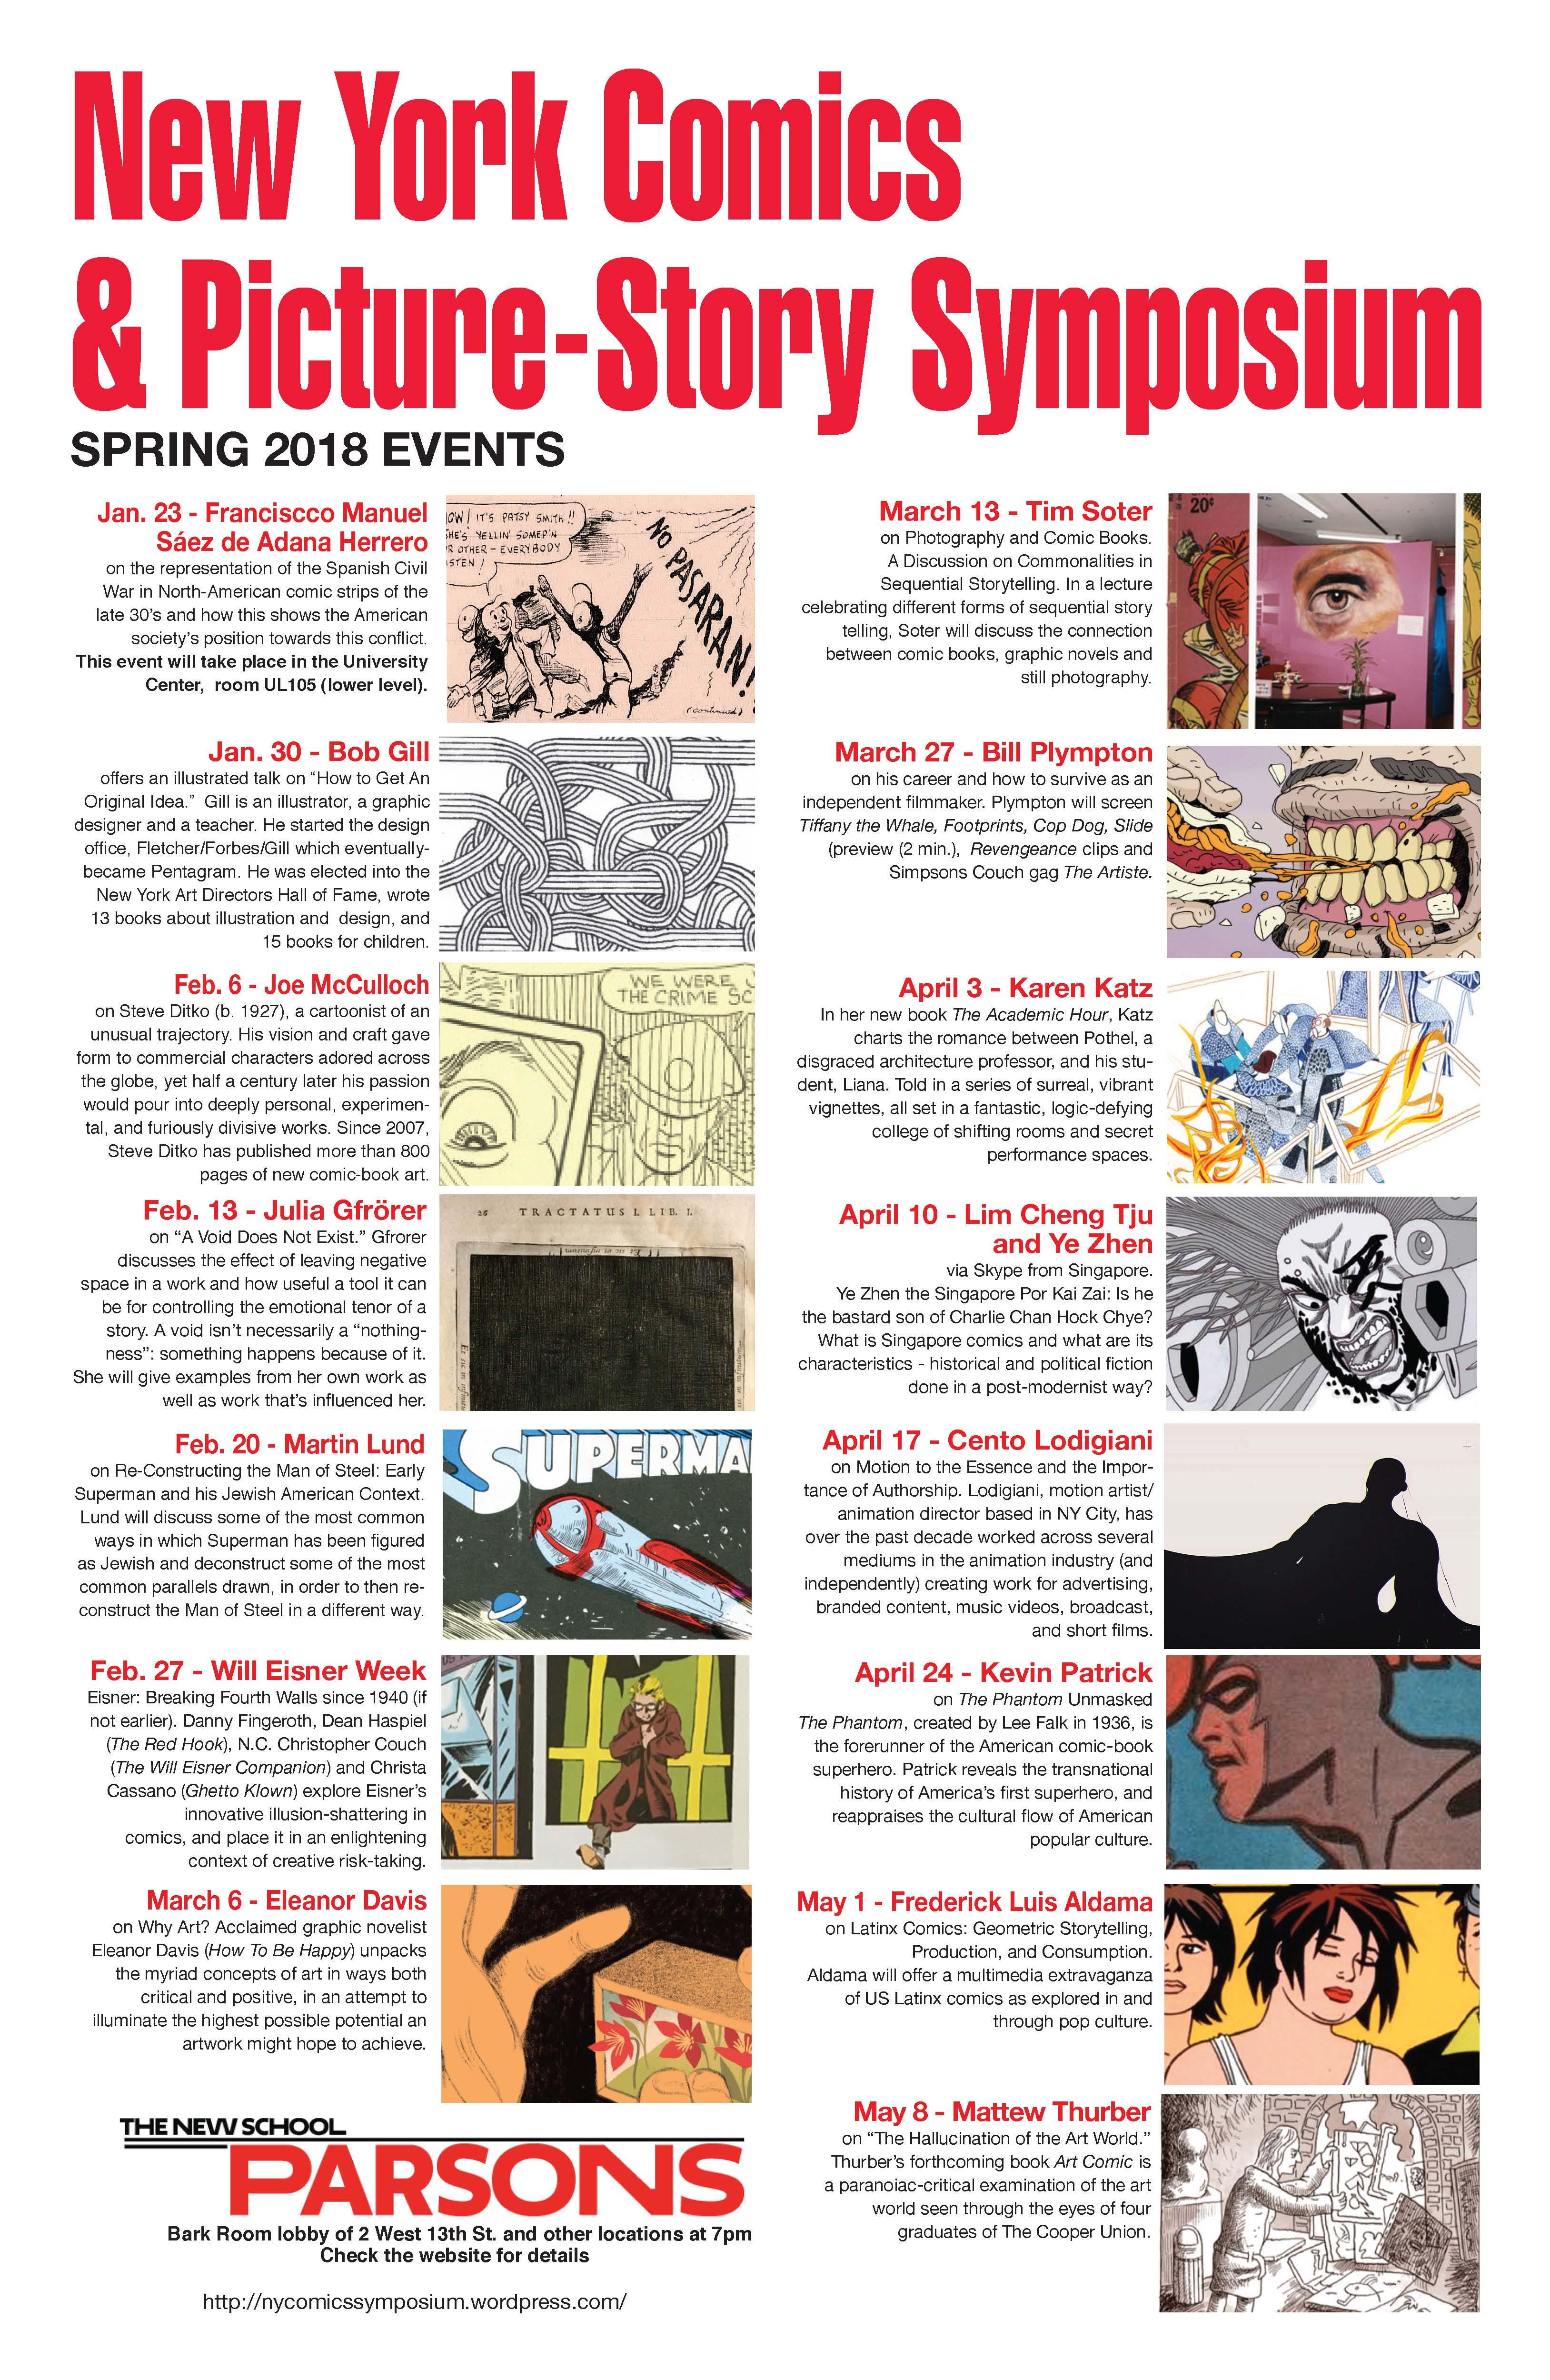 spring-2018-symposium-poster.jpg